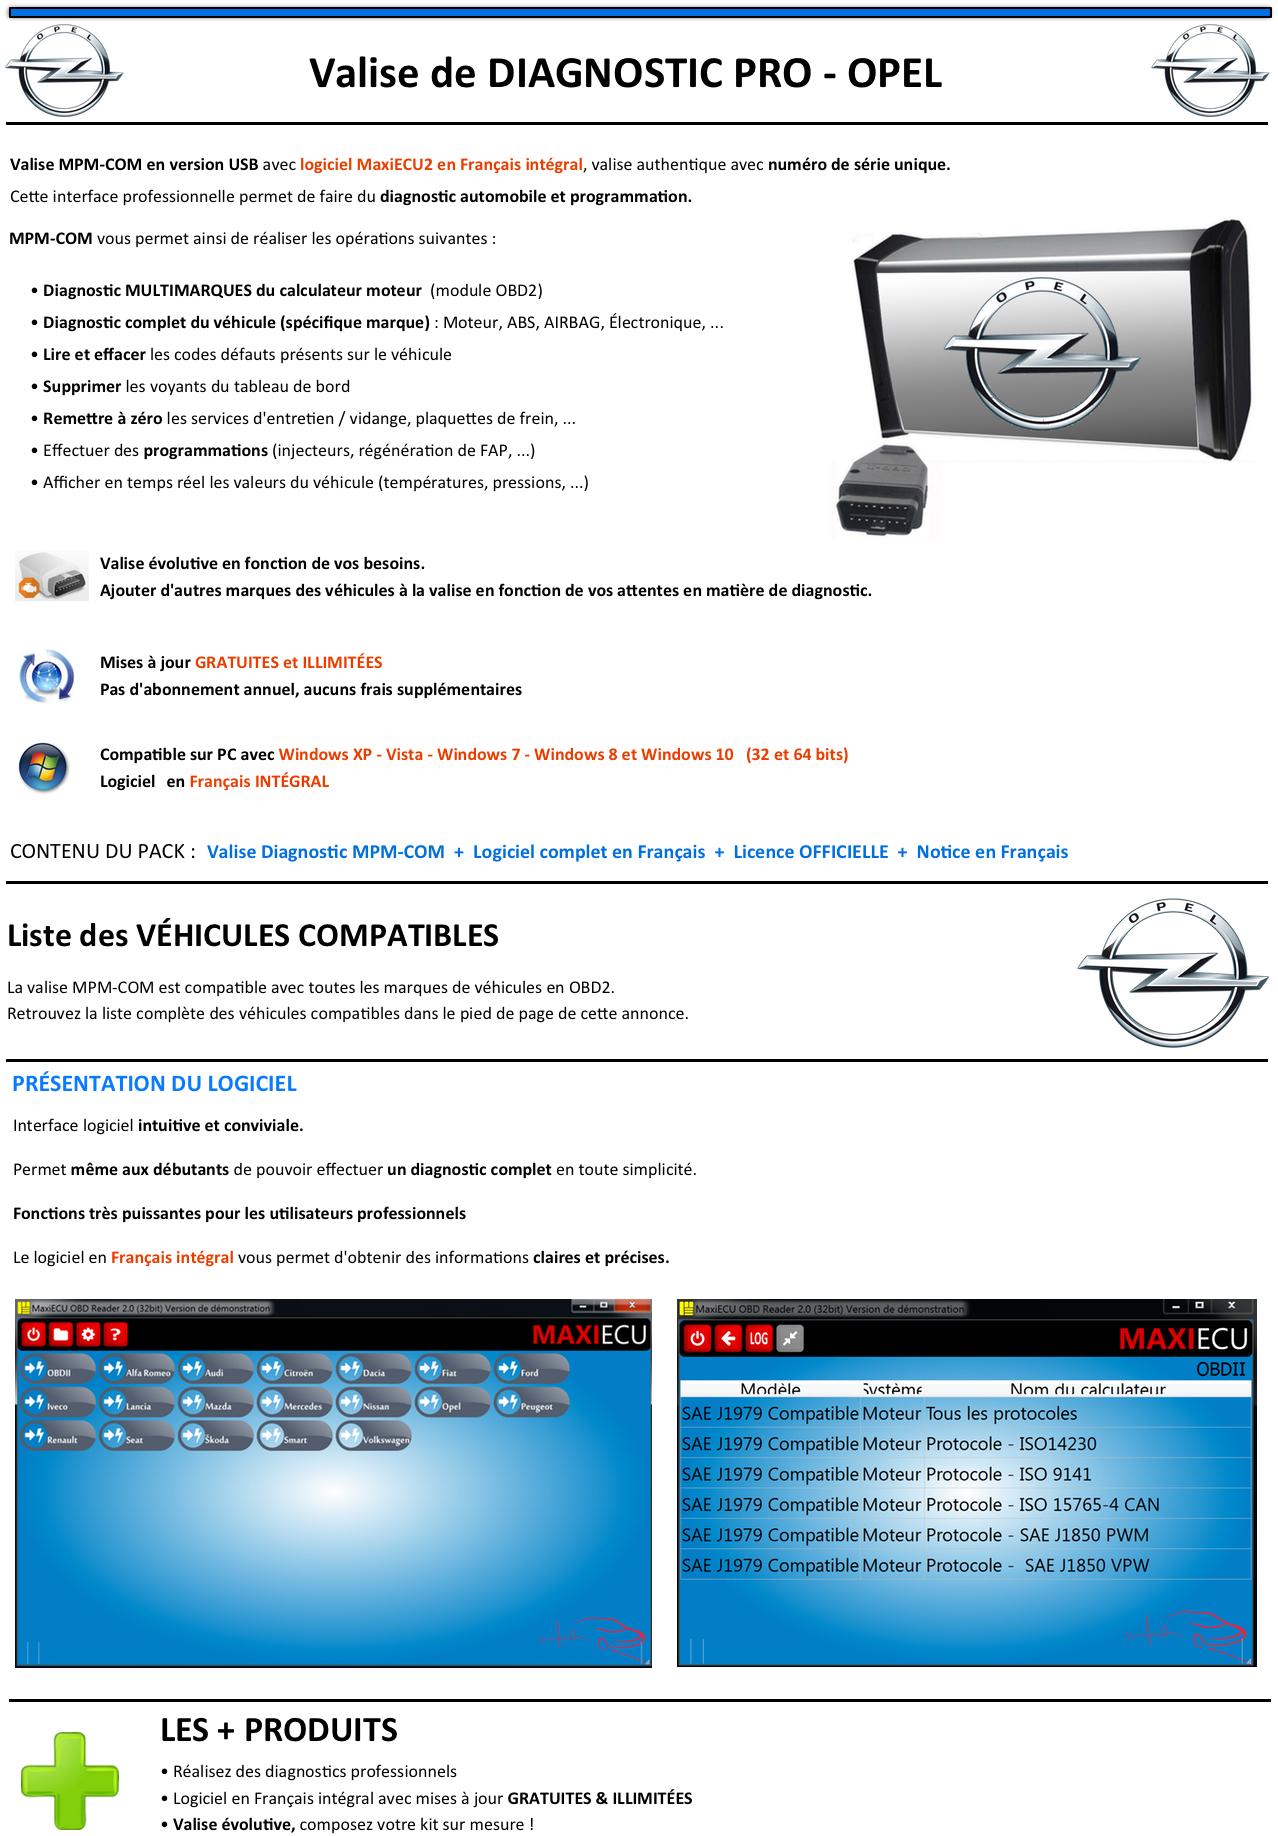 valise de diagnostic programmations pro opel autocom op delphi elm com kts ebay. Black Bedroom Furniture Sets. Home Design Ideas